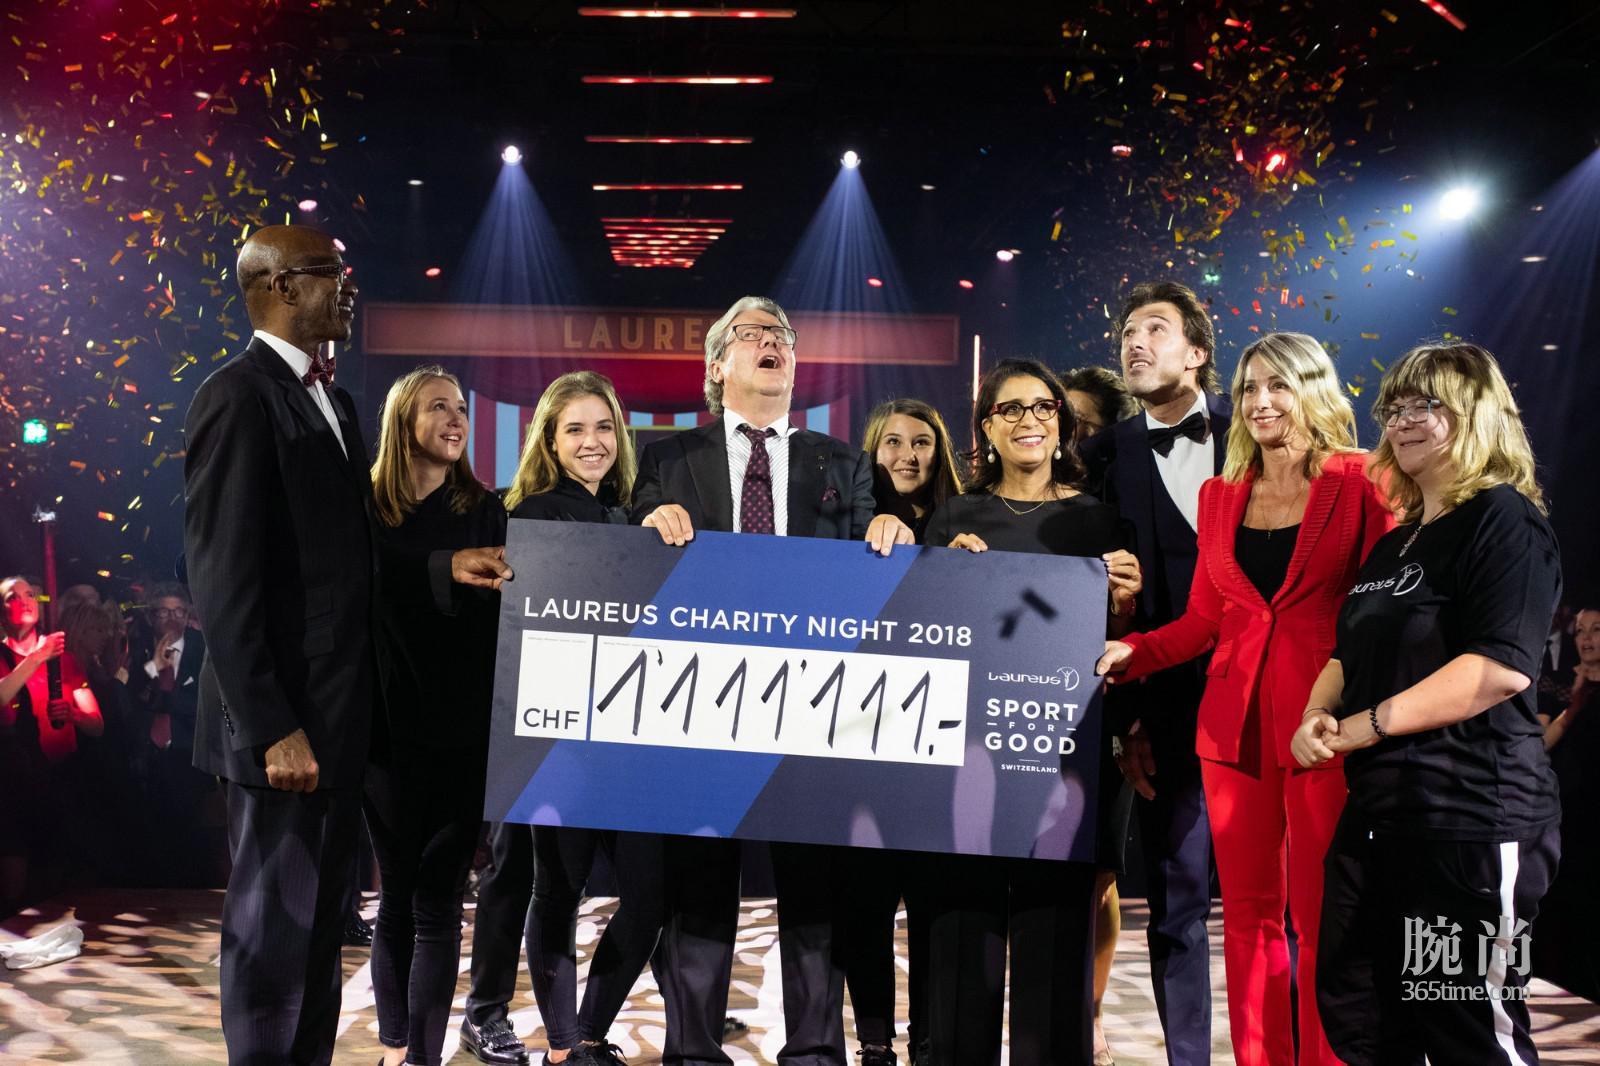 IWC万国表助力劳伦斯大家庭 为公益体育项目筹得1,111,111瑞郎_2.jpg